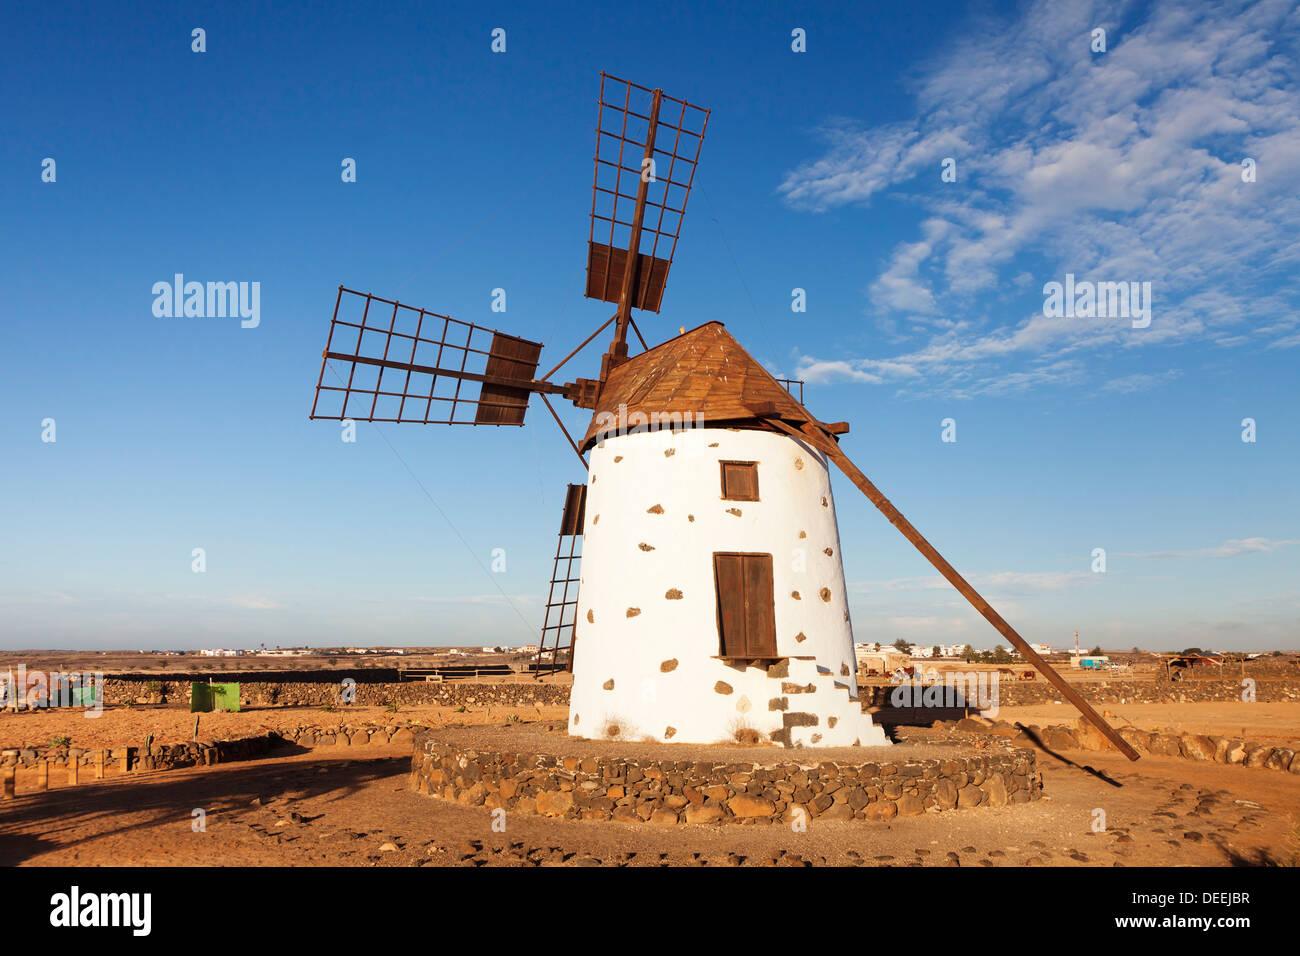 Windmühle in der Nähe von El Cotillo, Fuerteventura, Kanarische Inseln, Spanien, Atlantik, Europa Stockbild